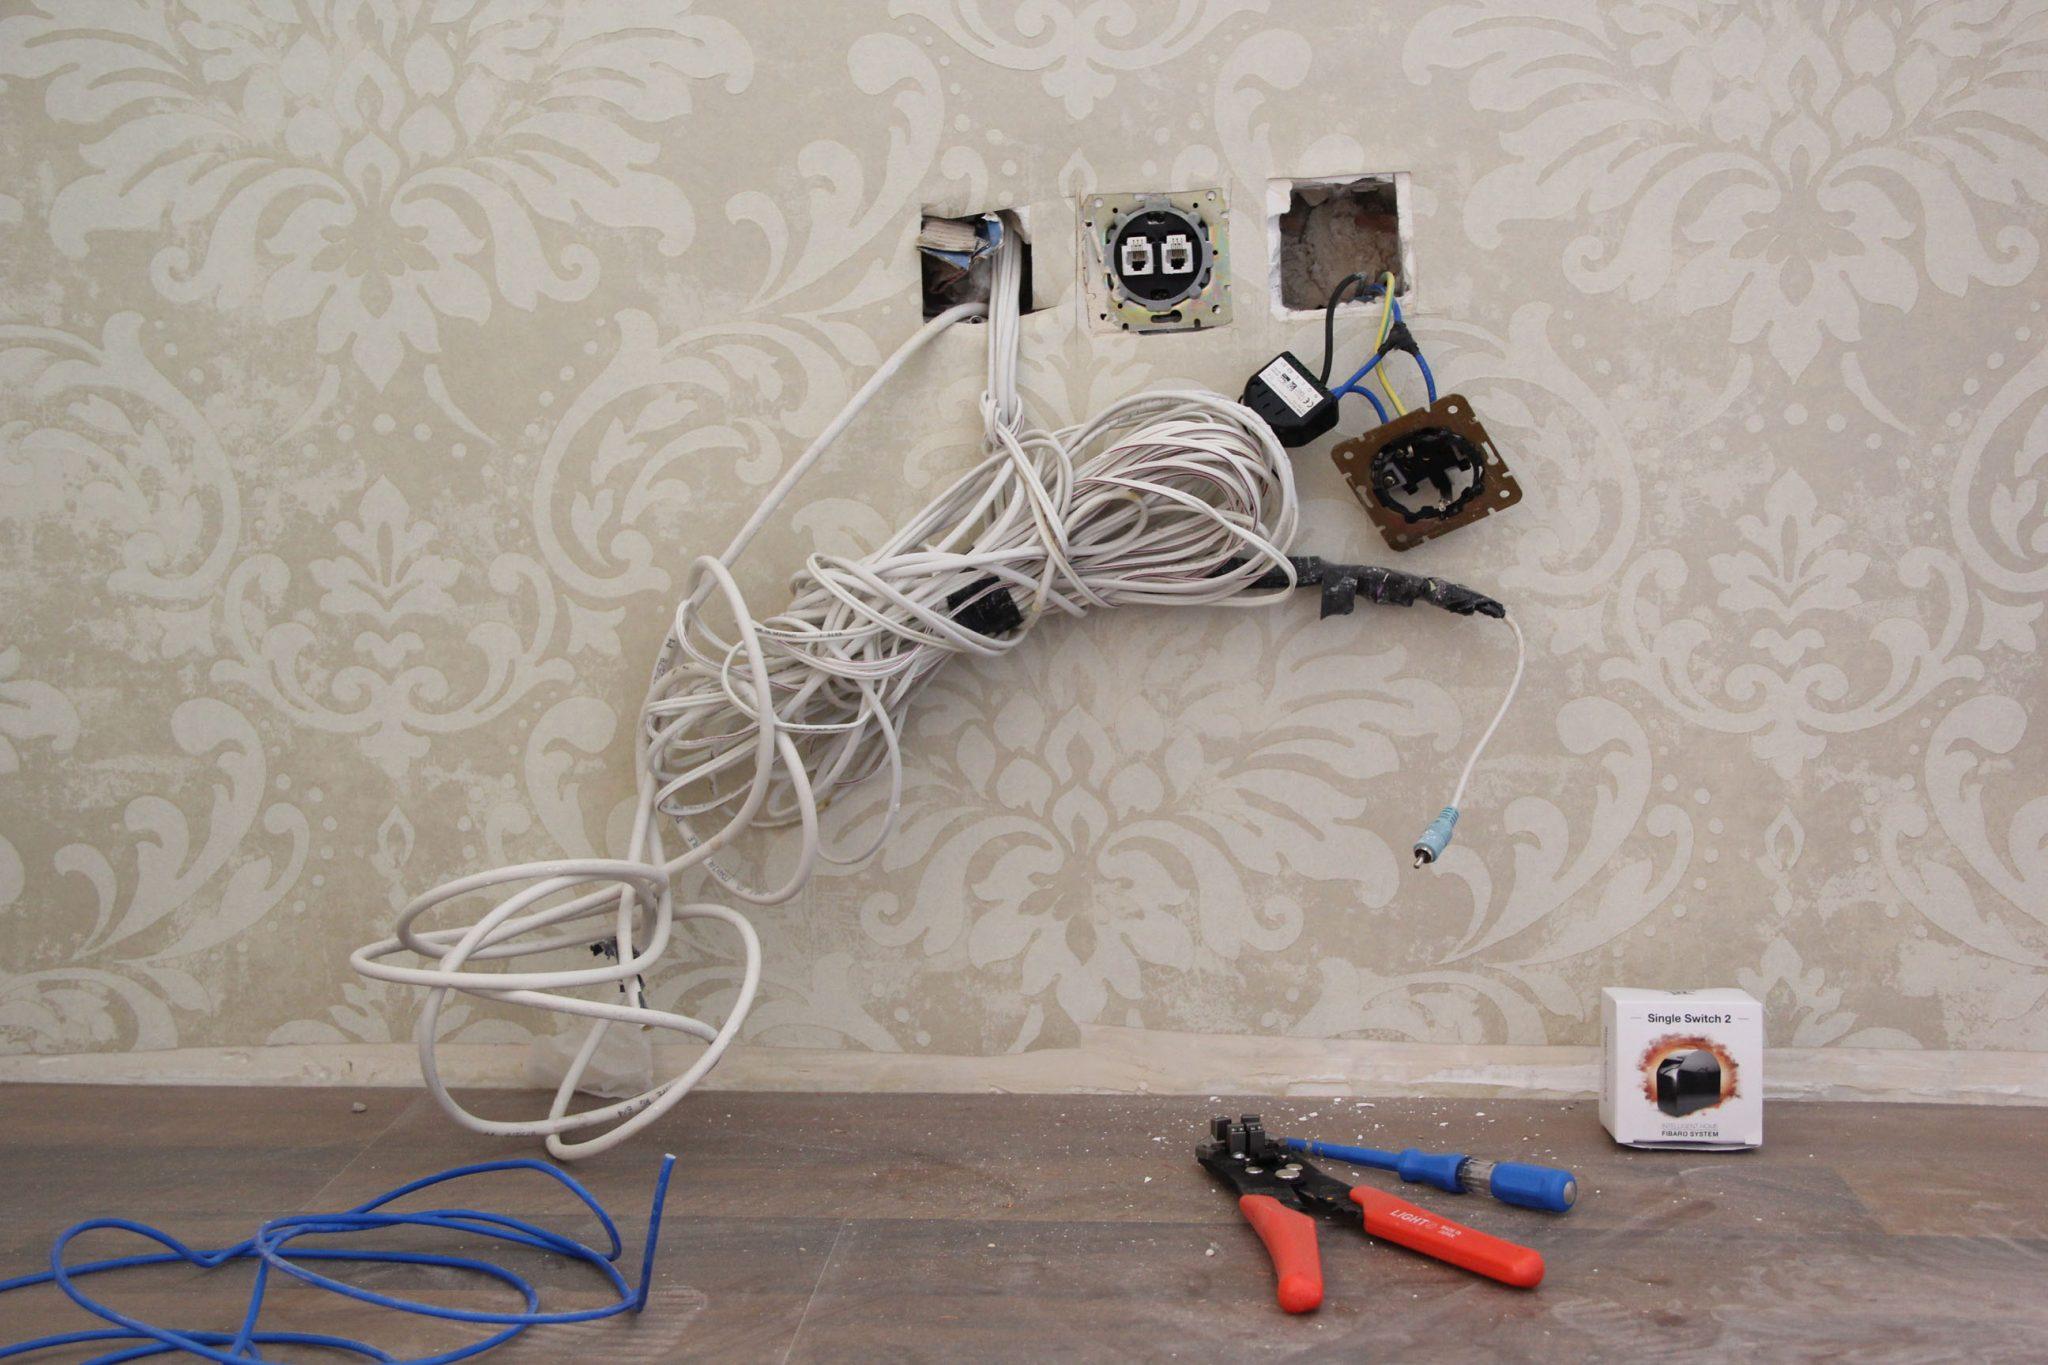 نصب رله هوشمند جهت کنترل پریز دیواری